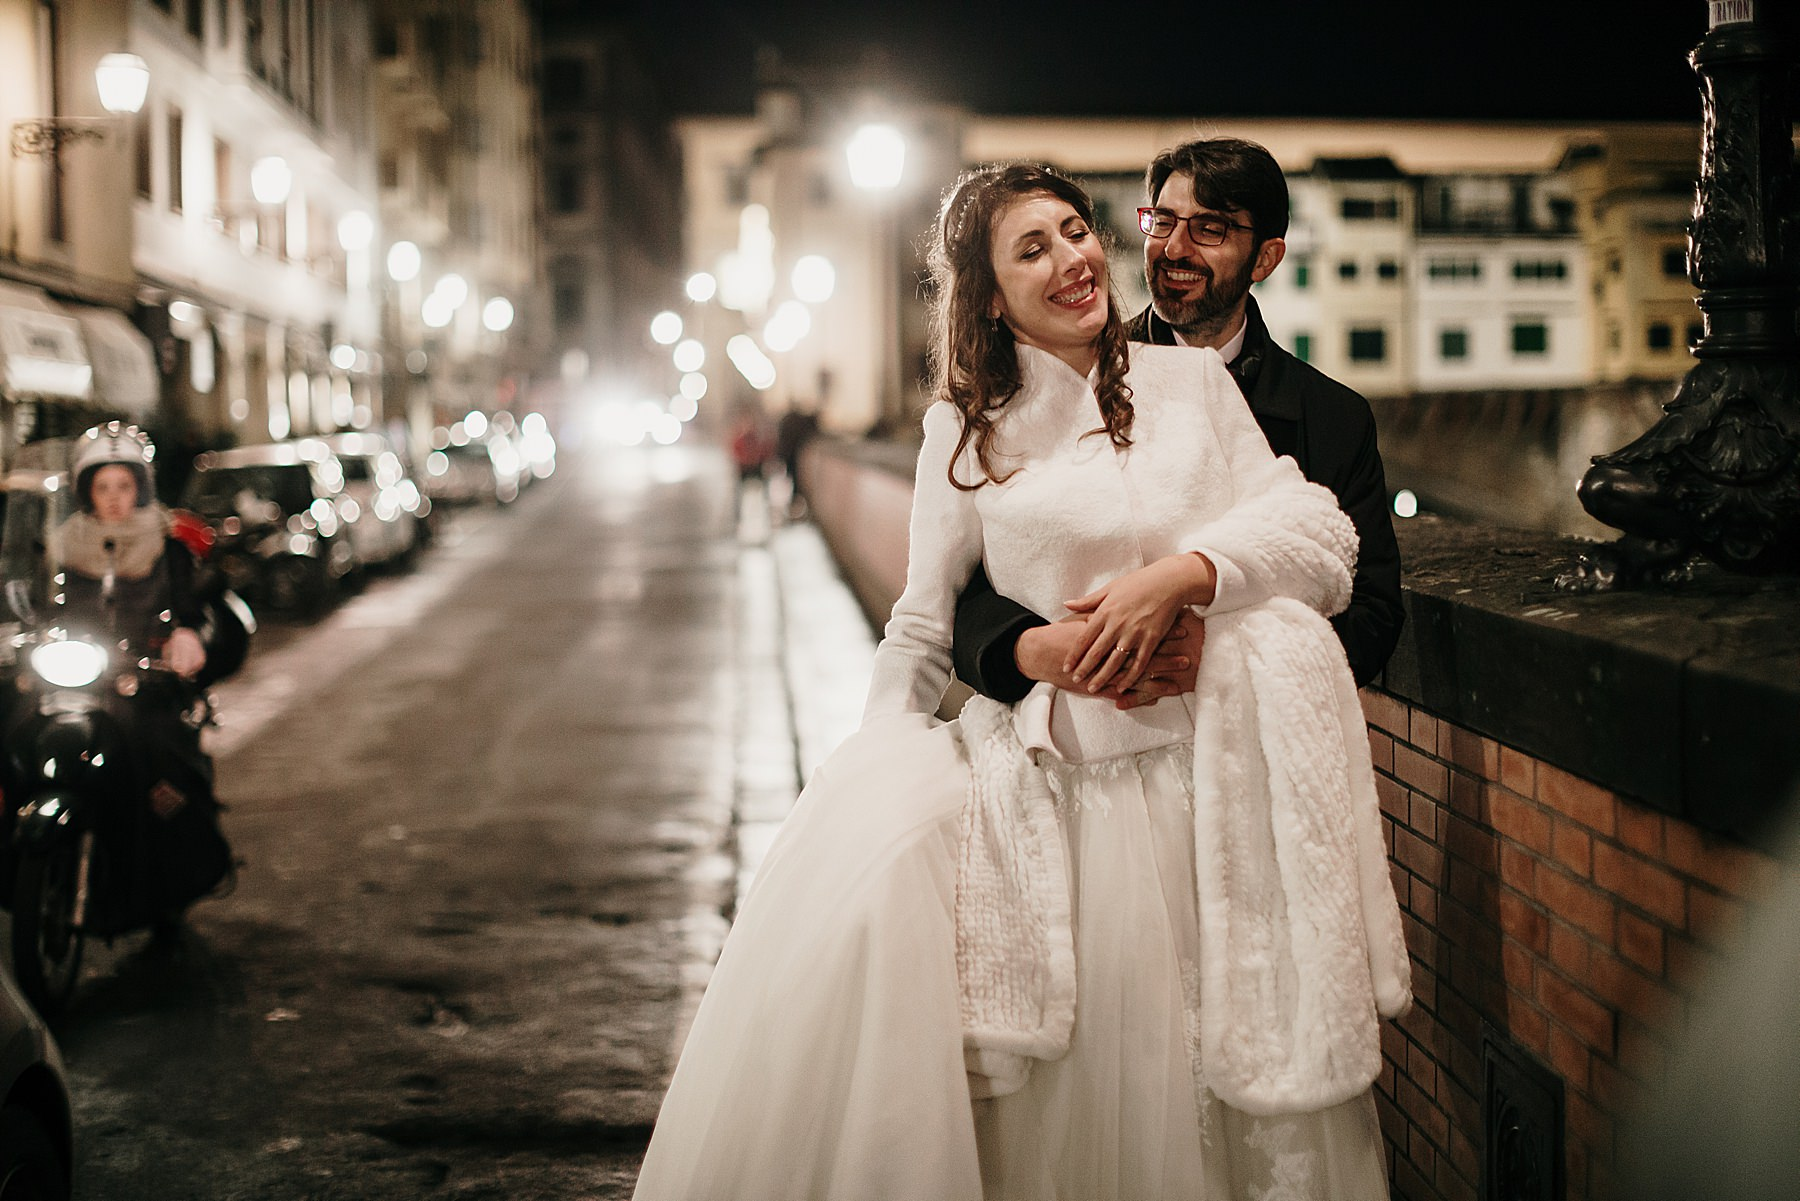 fotografia-di-matrimonio-a-firenze-in-inverno-778.JPG